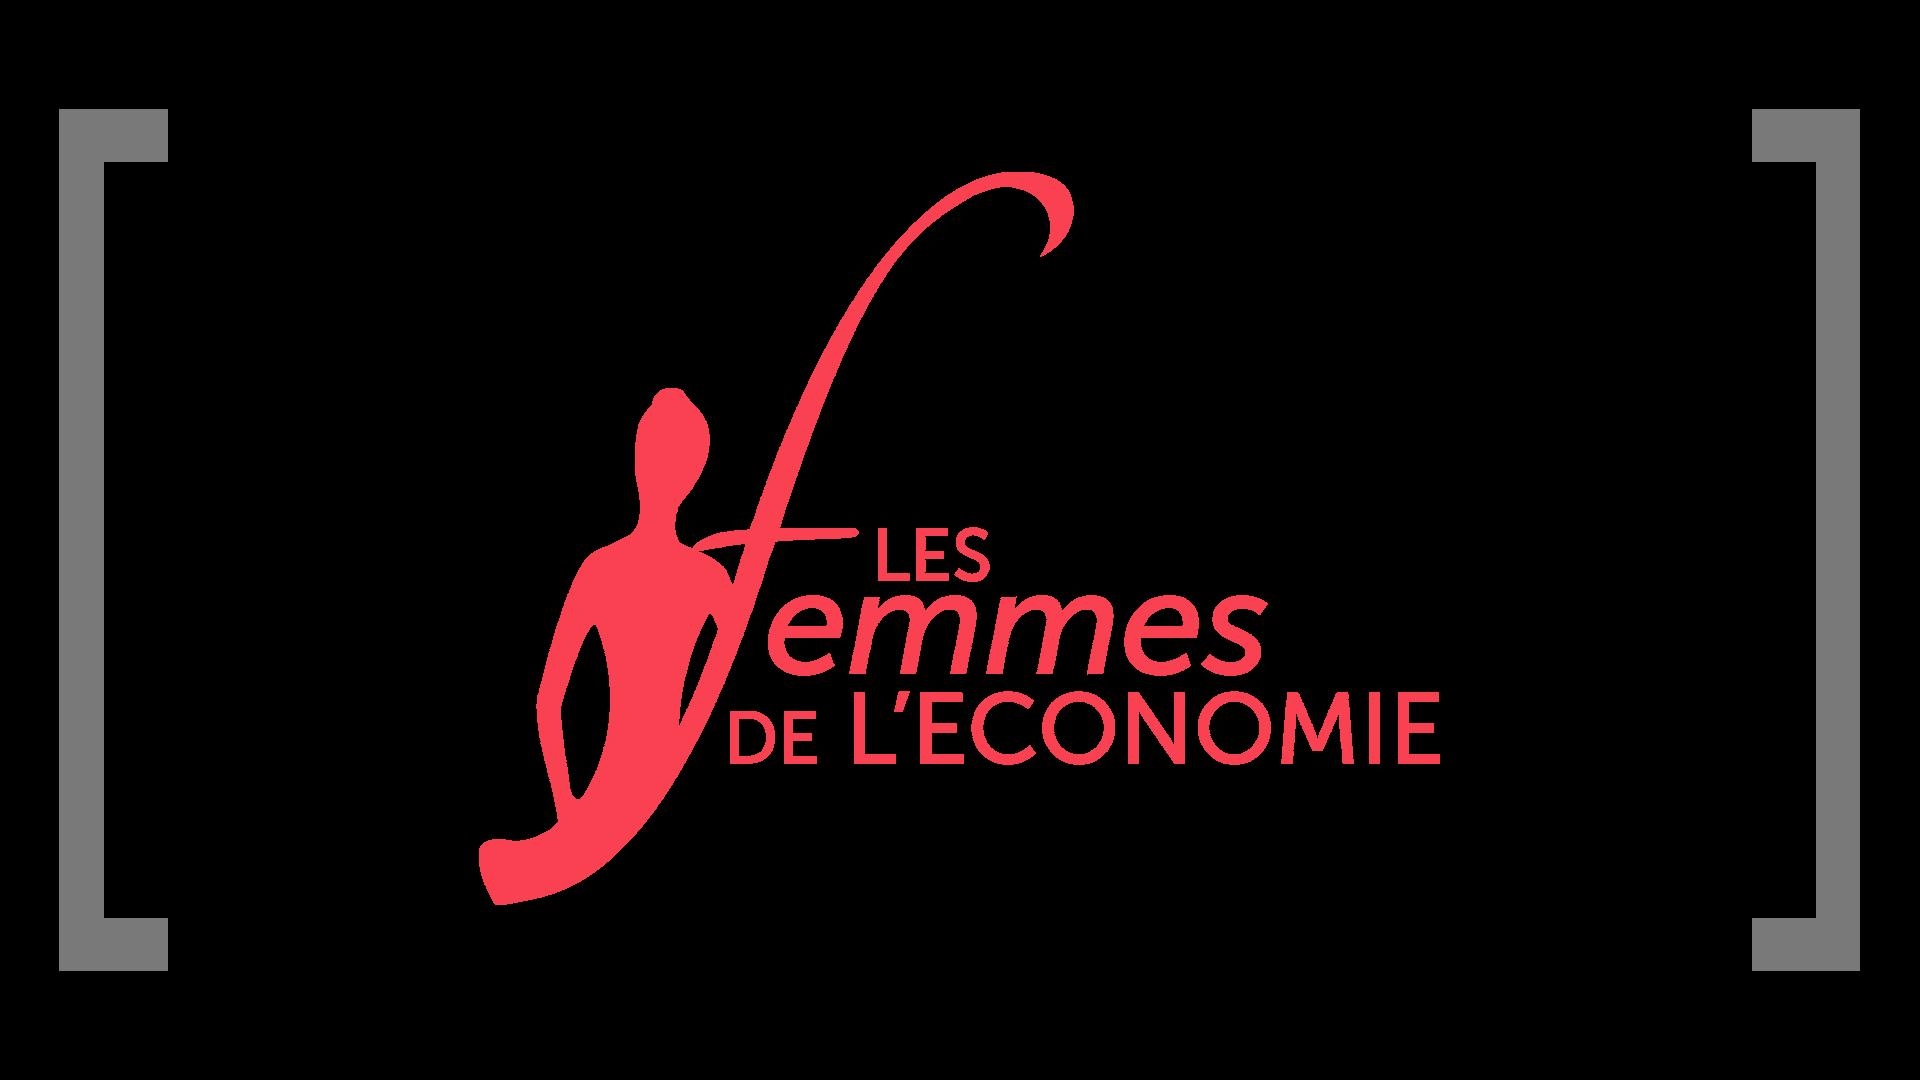 Femmes de l'économie